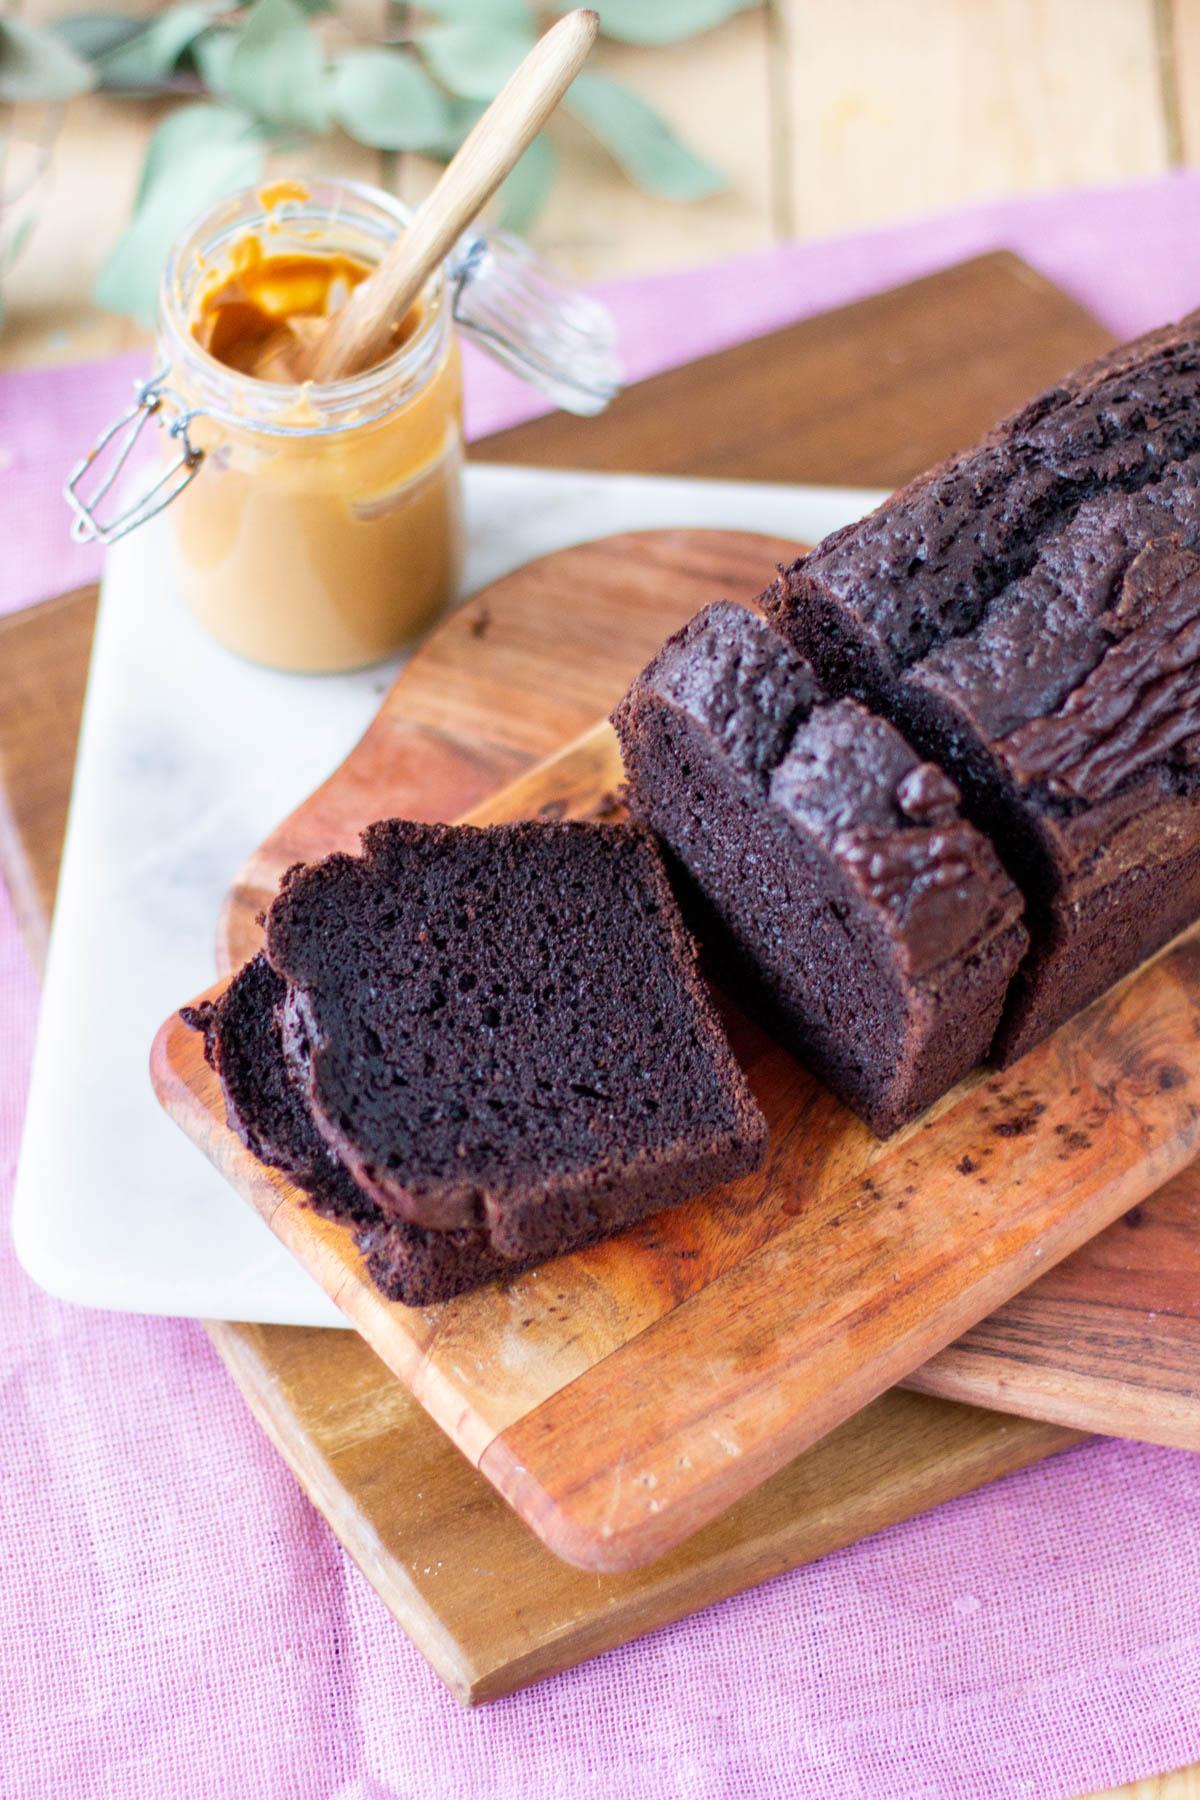 Paloiksi leikattu suklaakakku, joka on paistettu leipävuoassa.